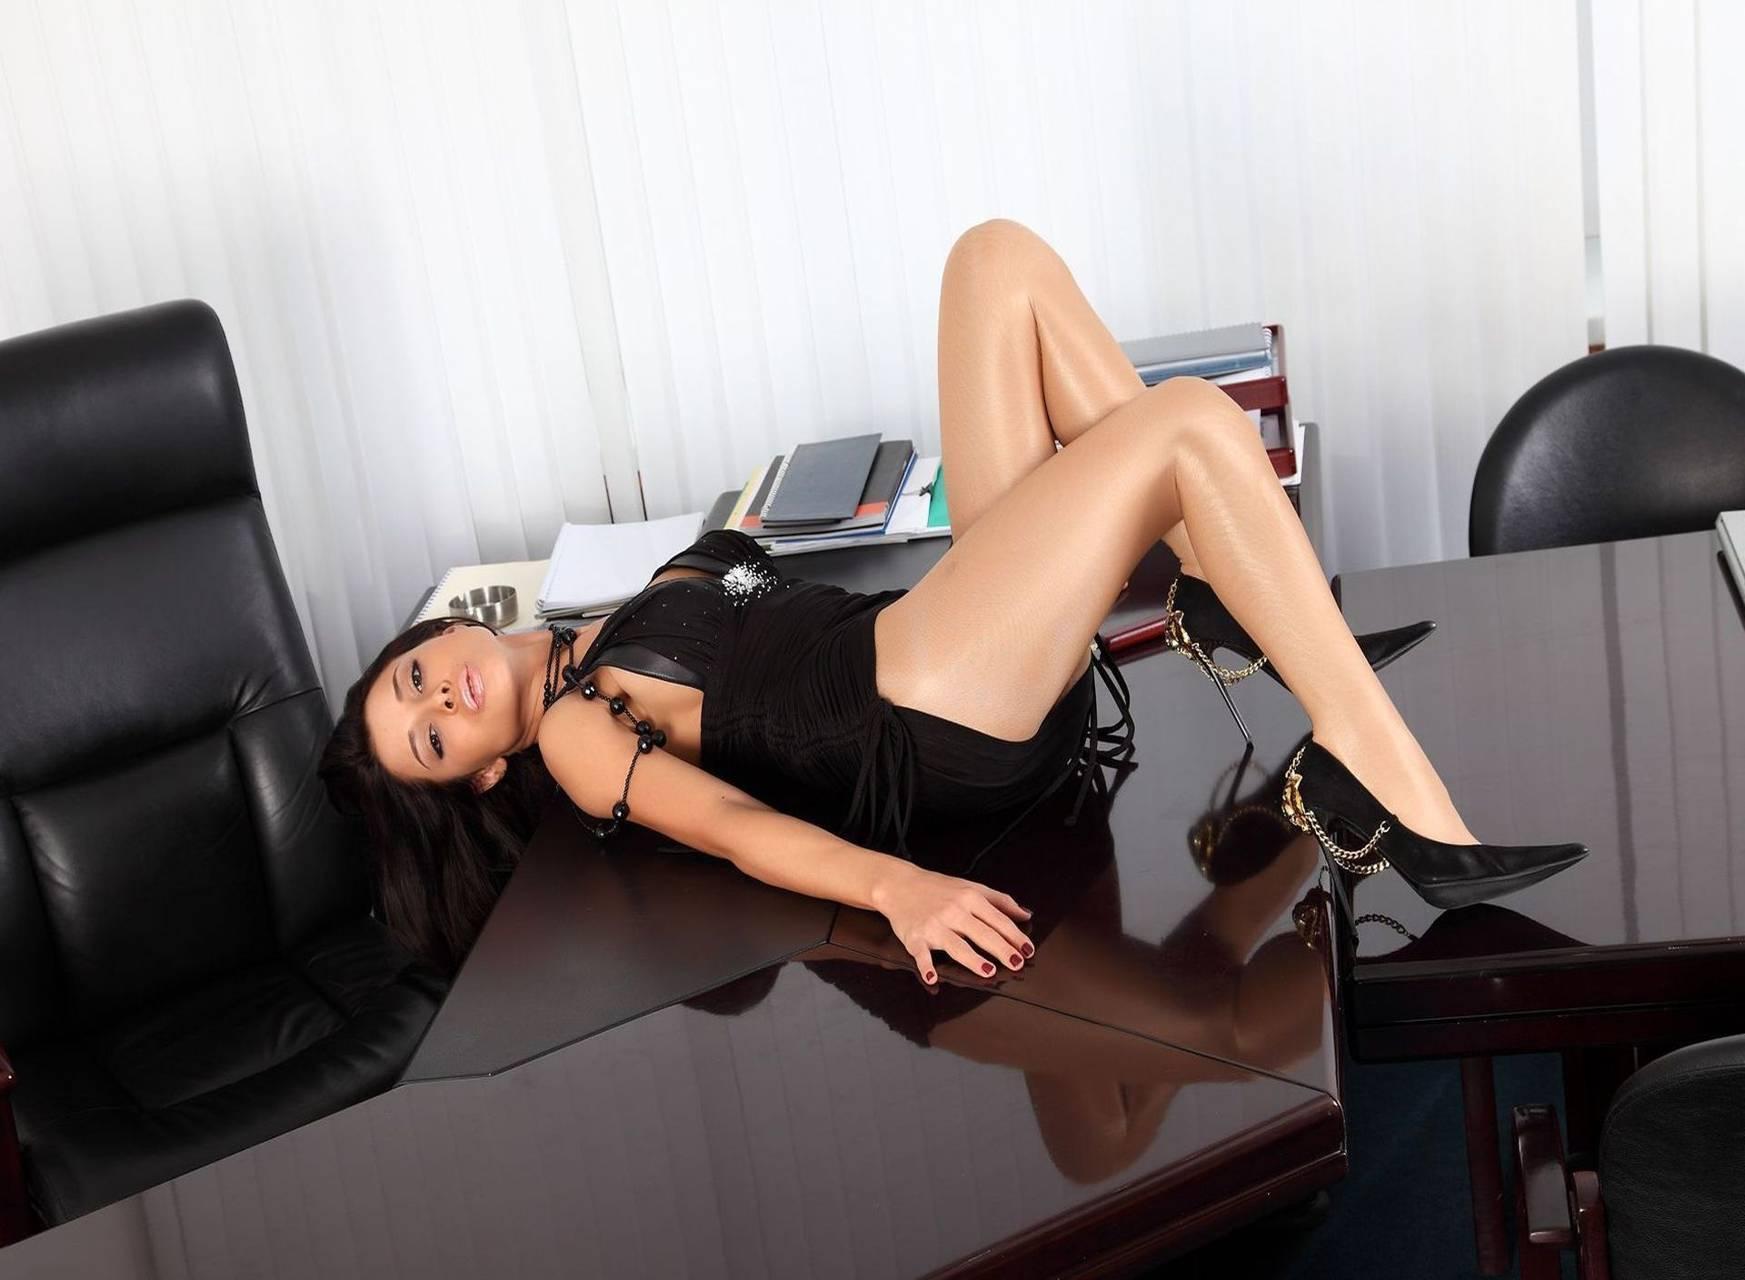 Эро фото девушек в офисной форме — 8